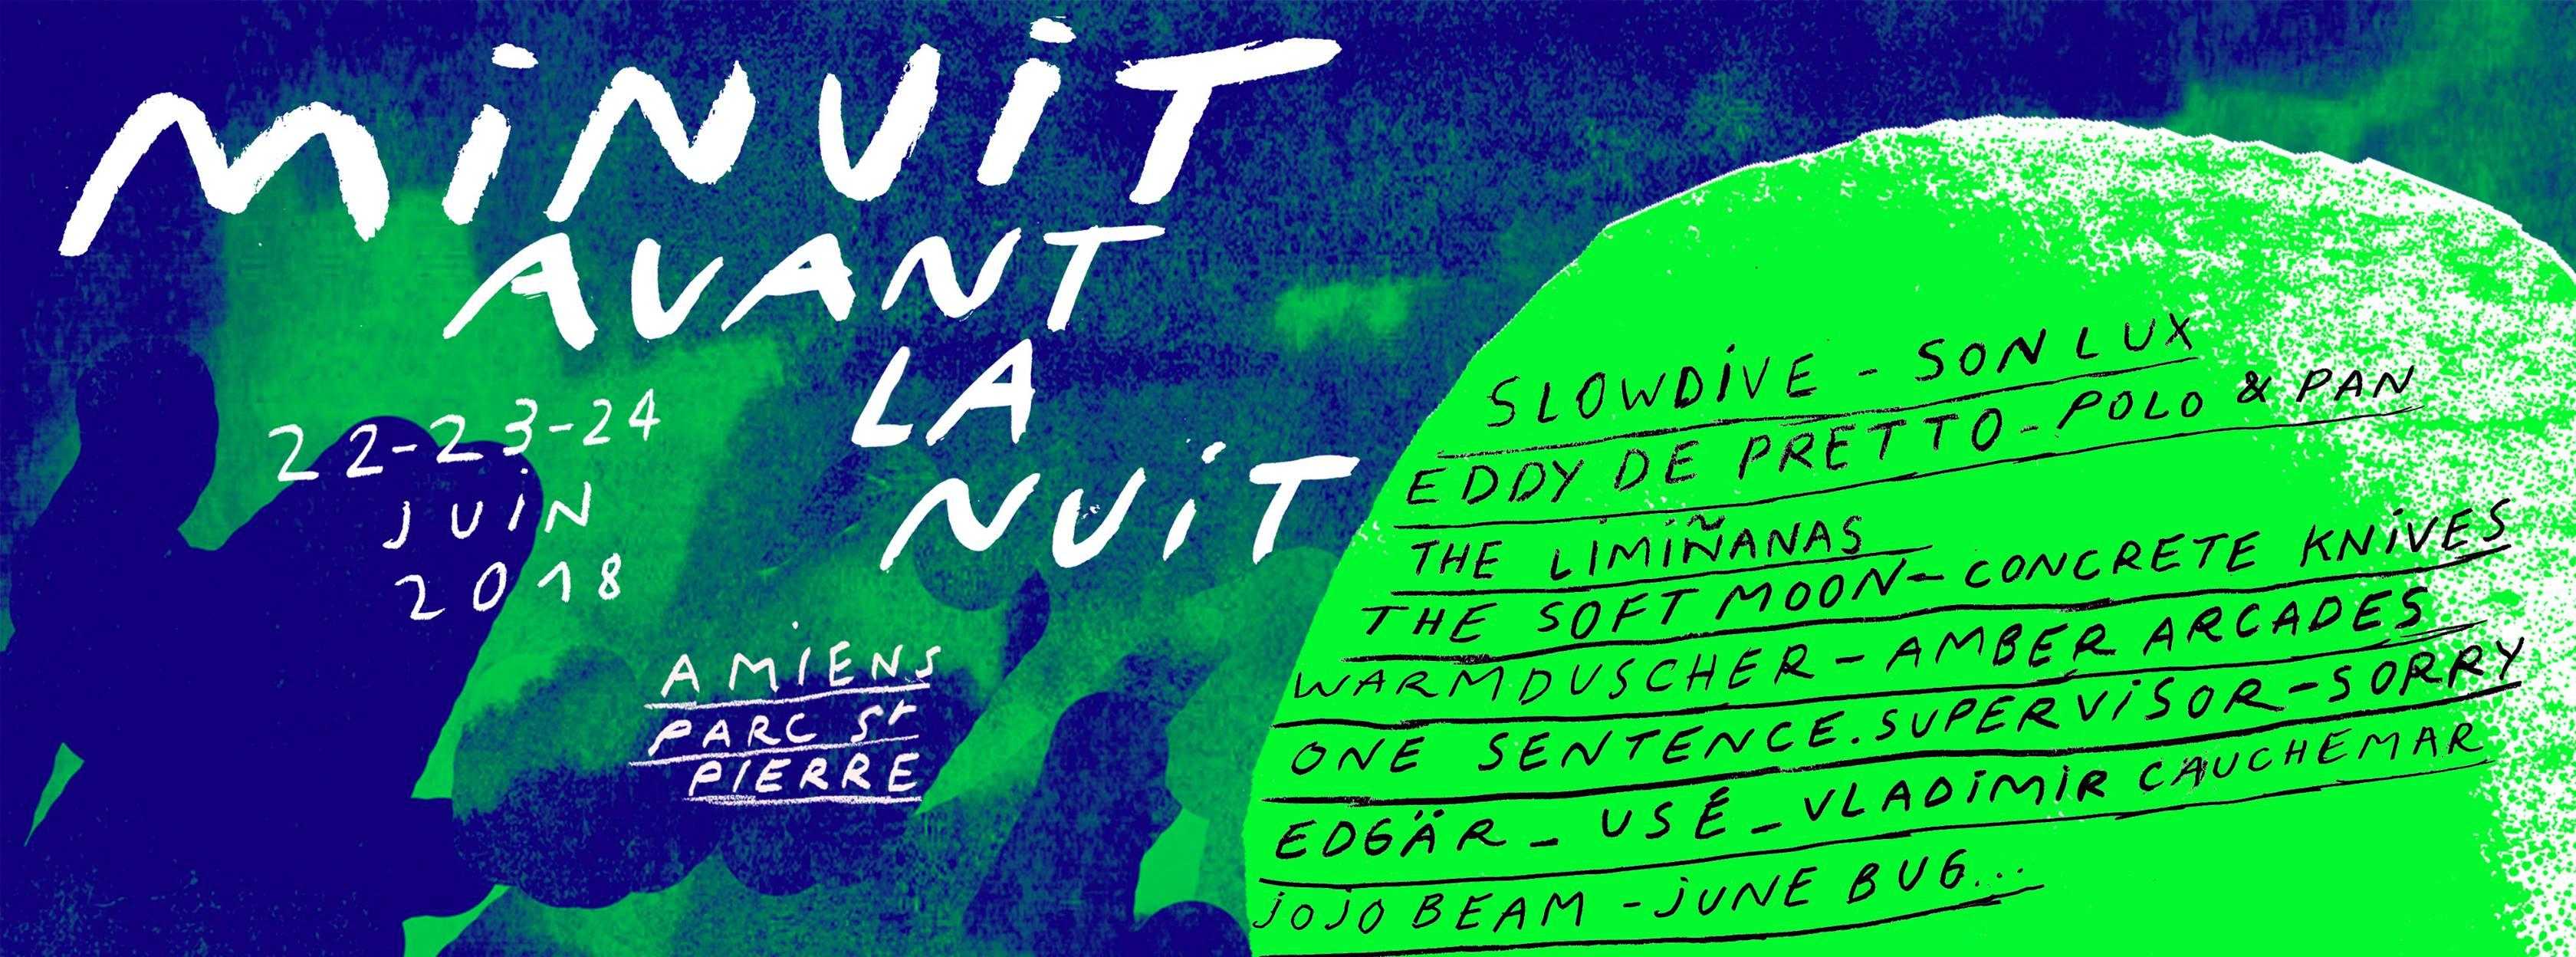 MINUIT AVANT LA NUIT / VENDREDI 22 JUIN 2018